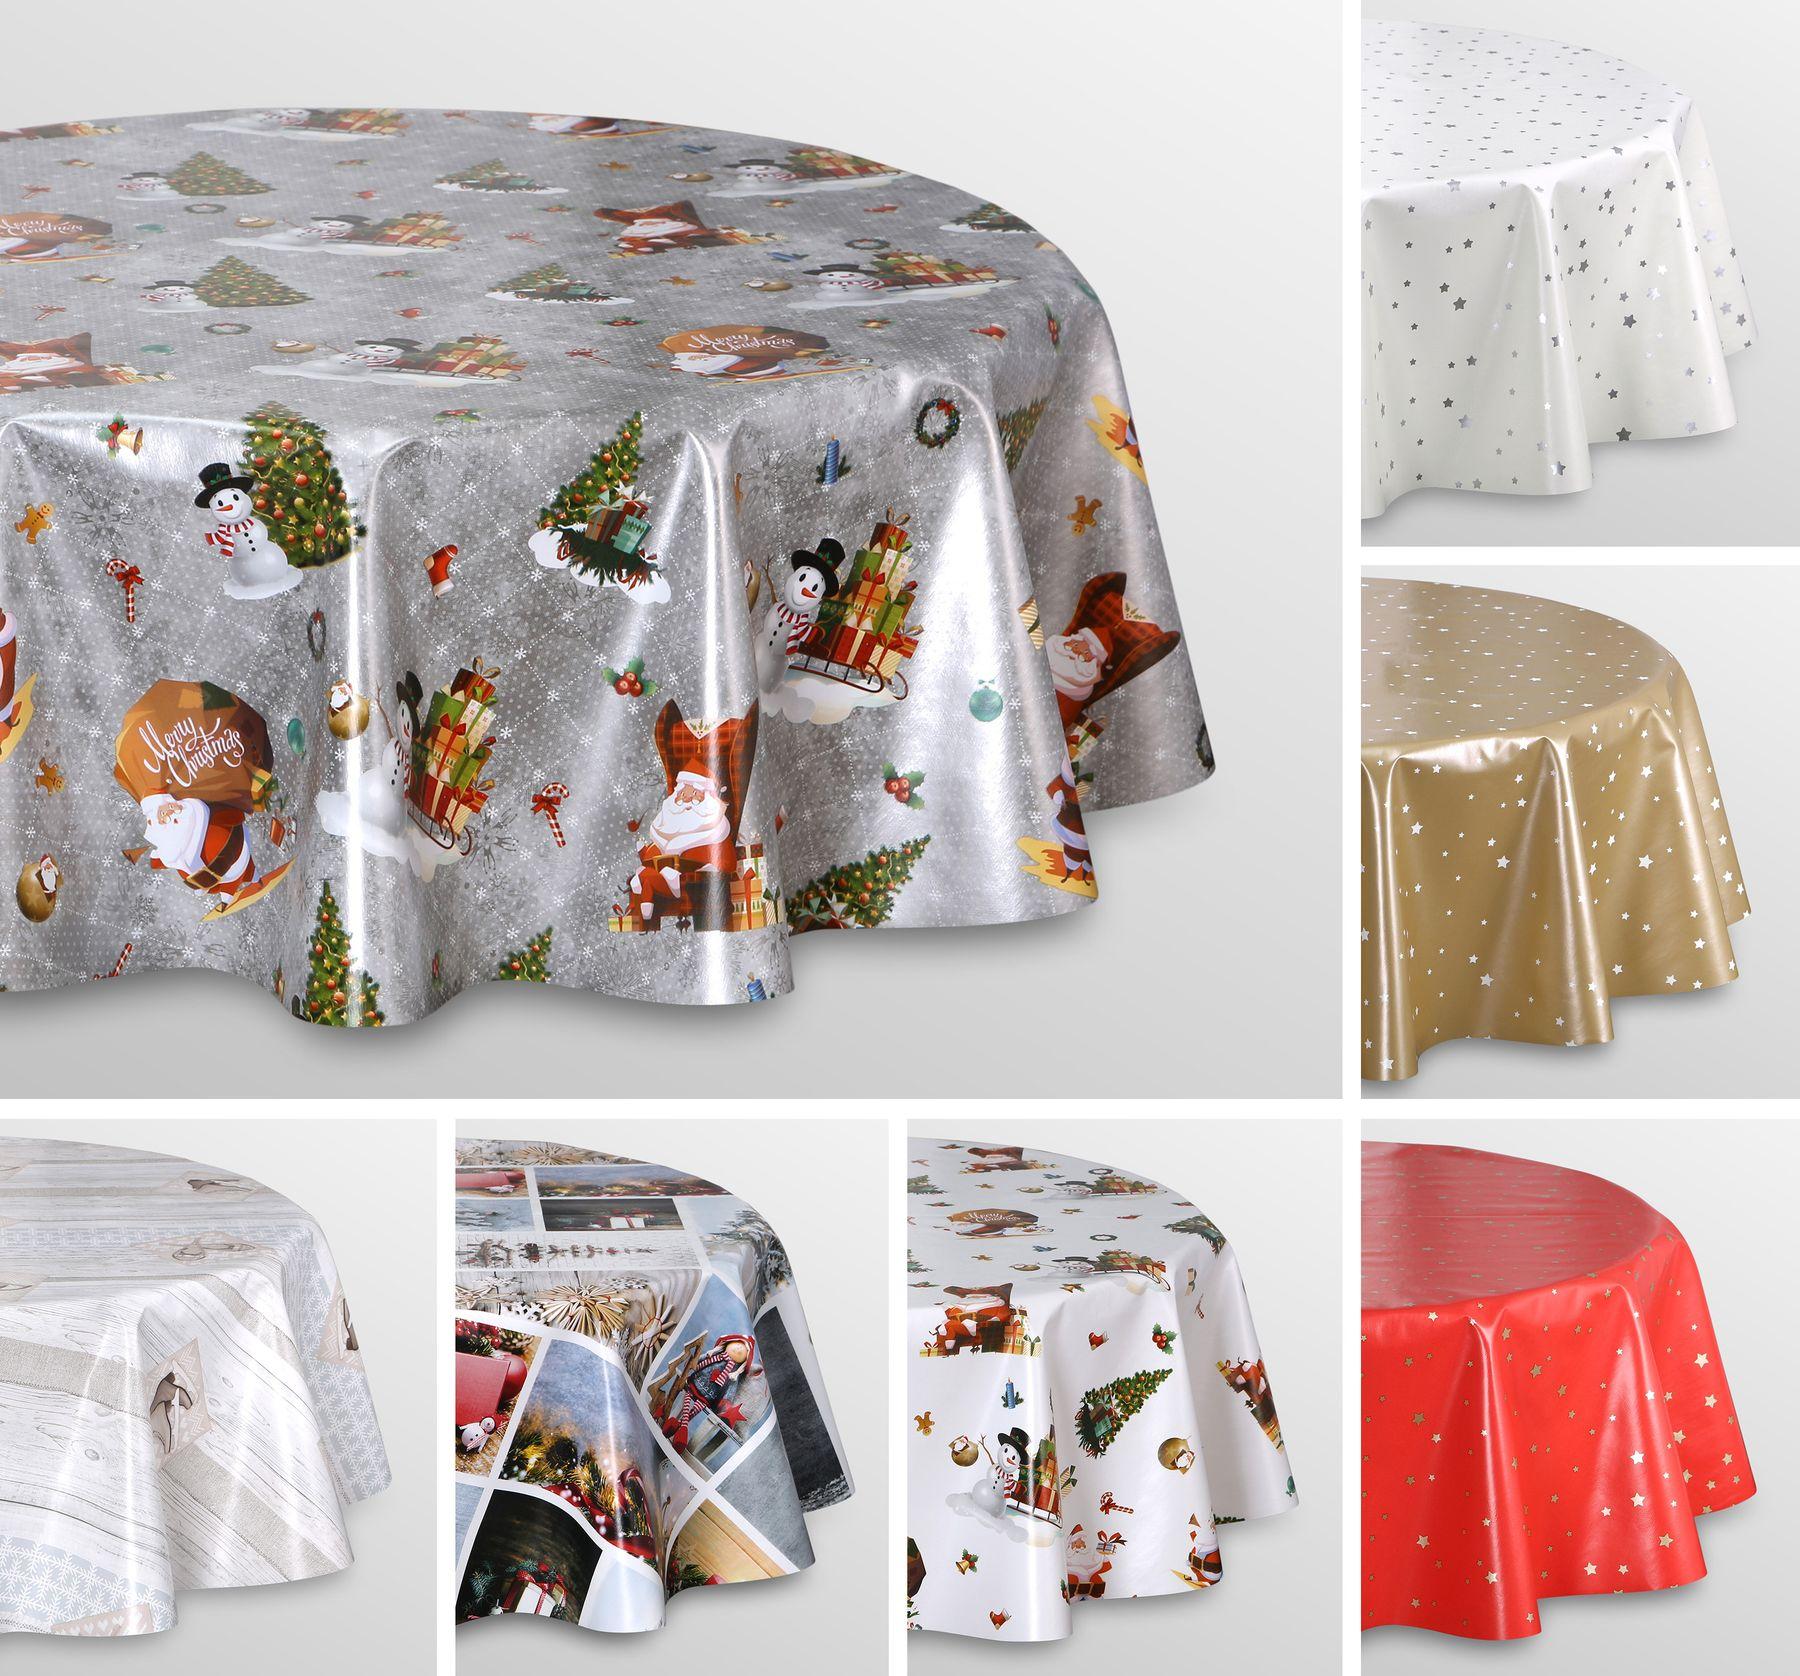 Wachstuch Tischdecke Weihnachten, OVAL RUND ECKIG, Motiv und Größe wählbar